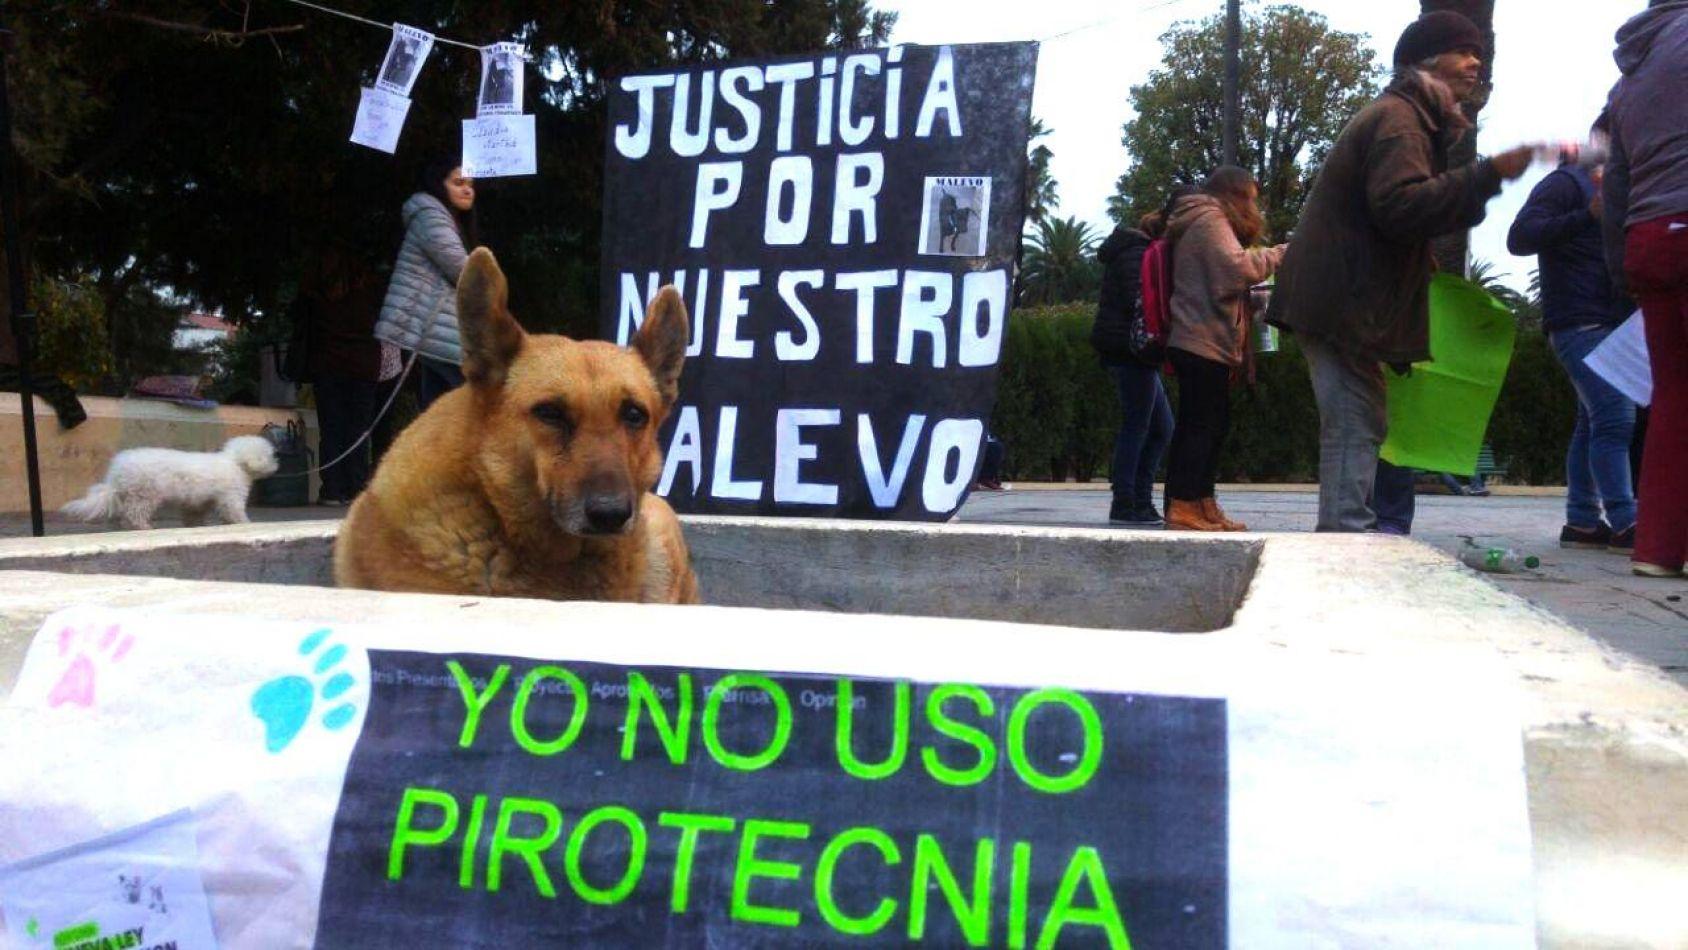 La prohibición de pirotecnia en Salta disparó fuertes críticas, además de elogios